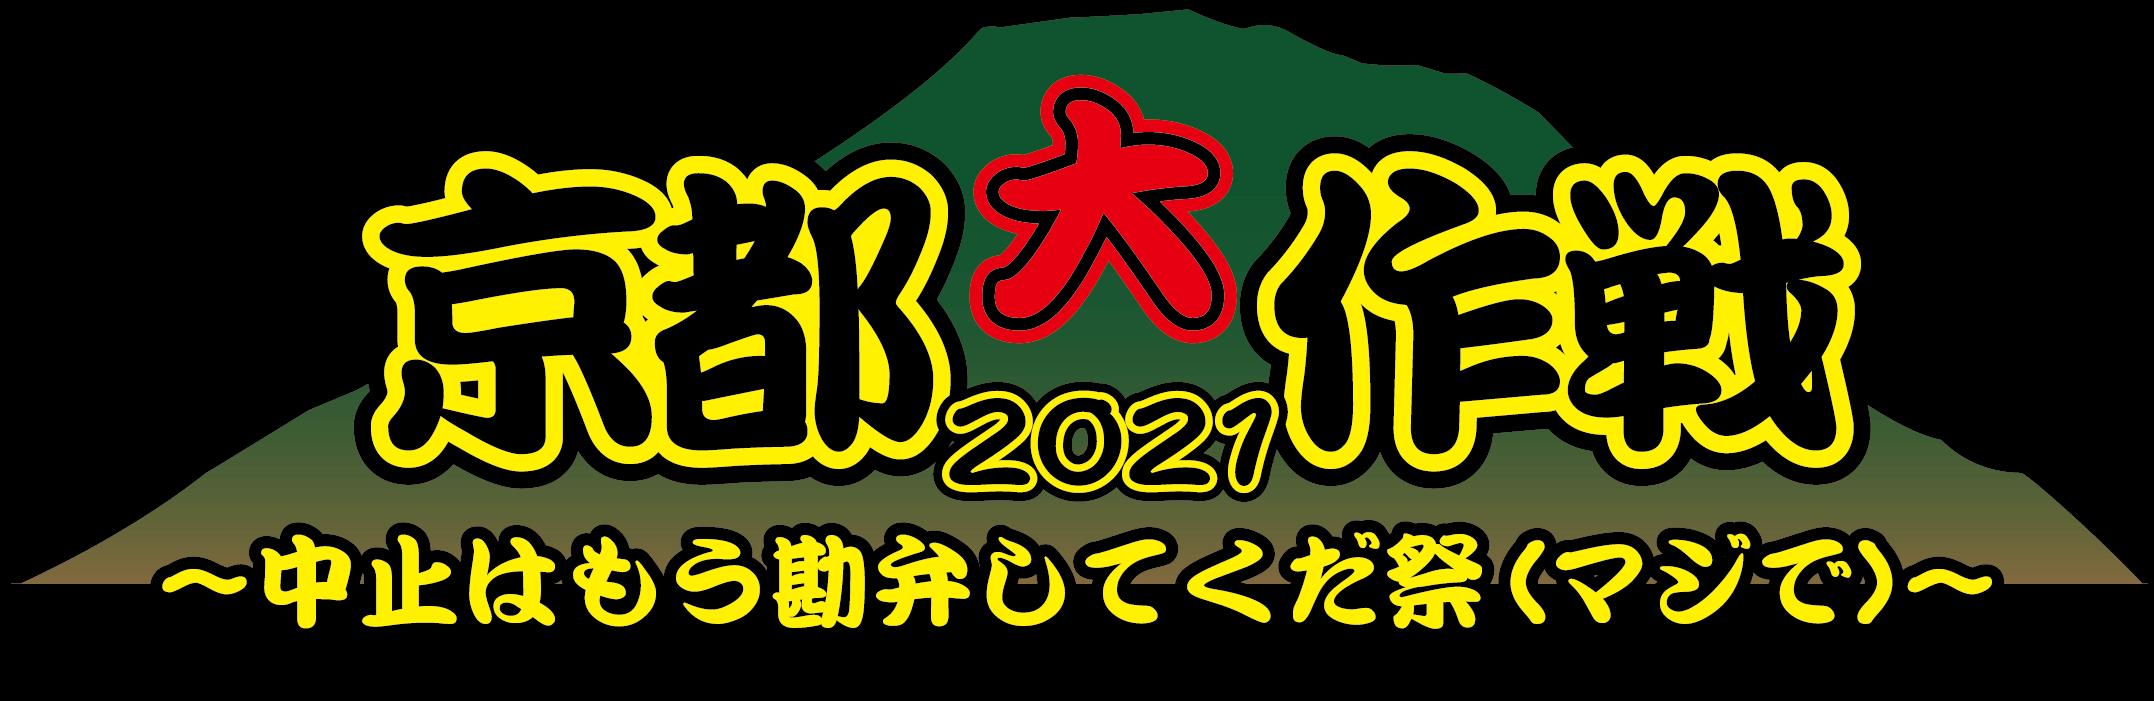 mi-kyoto2021_logo